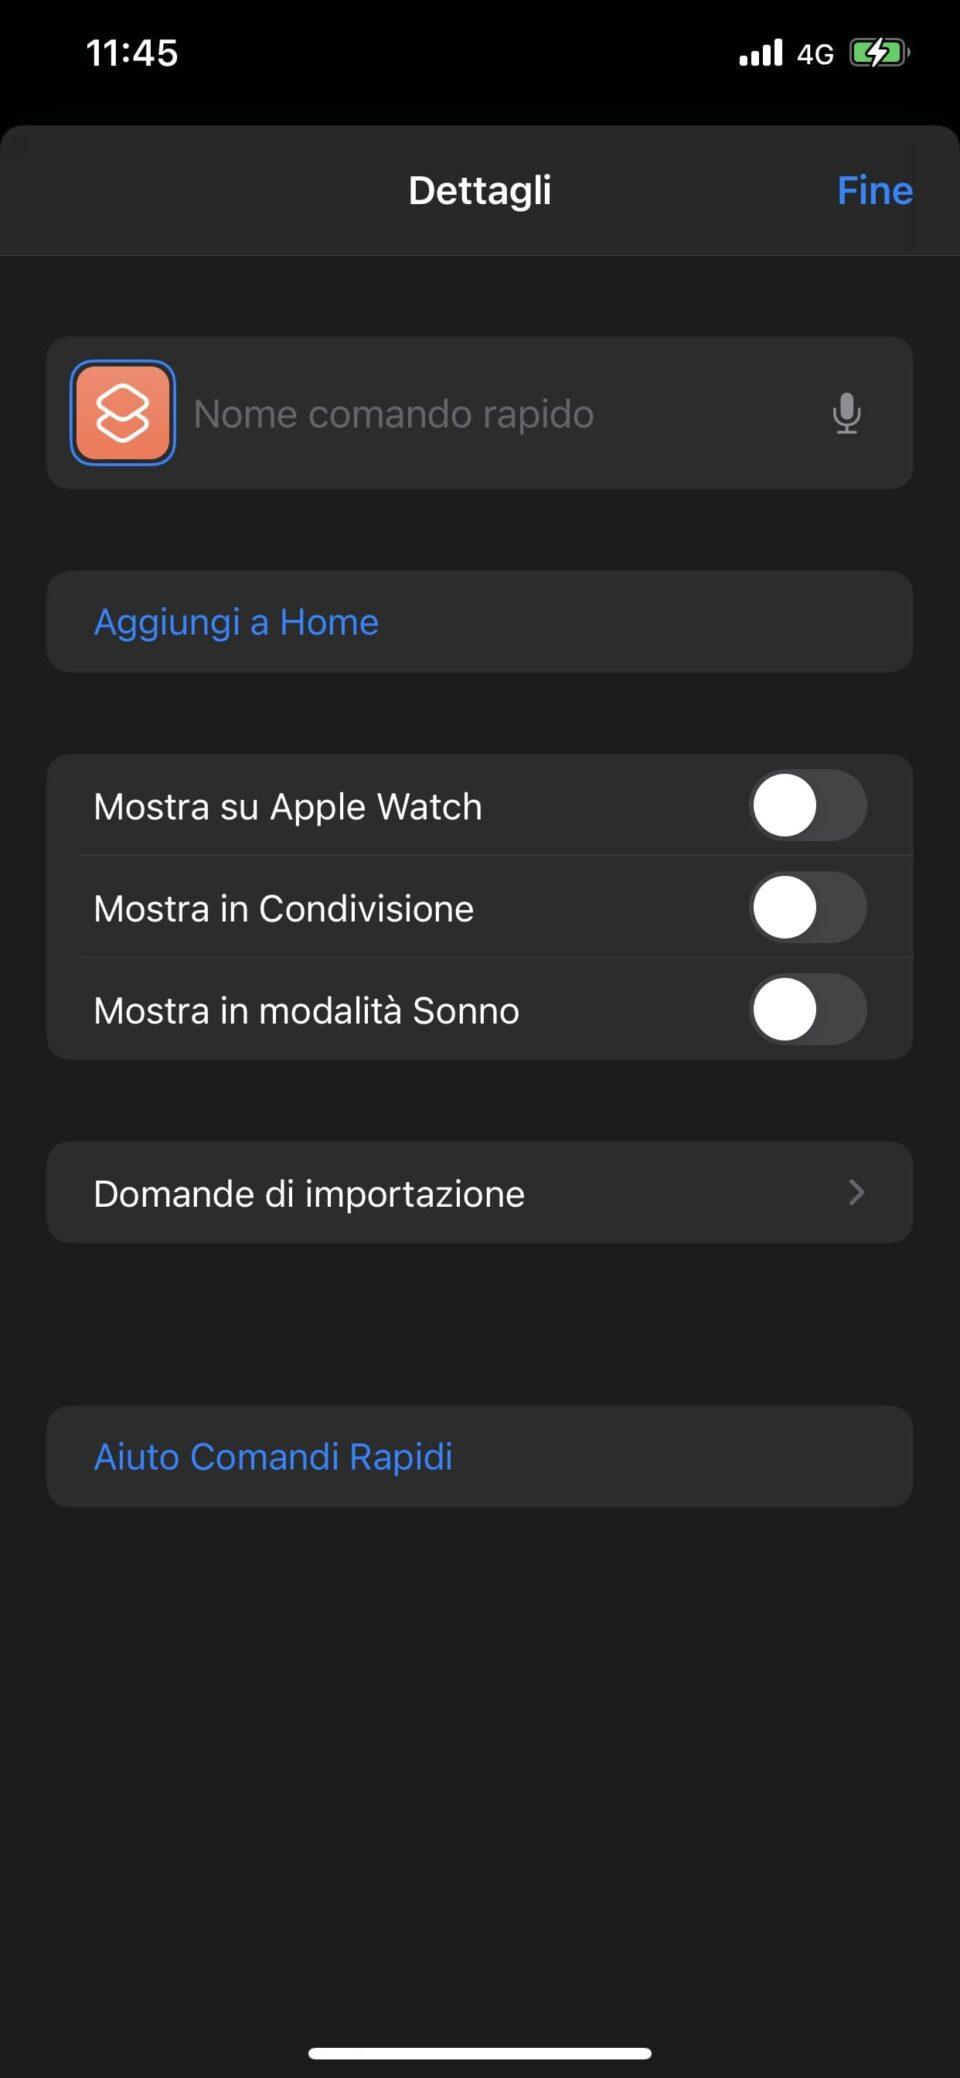 Applicazione Comandi per personalizzare le icone - parte 7